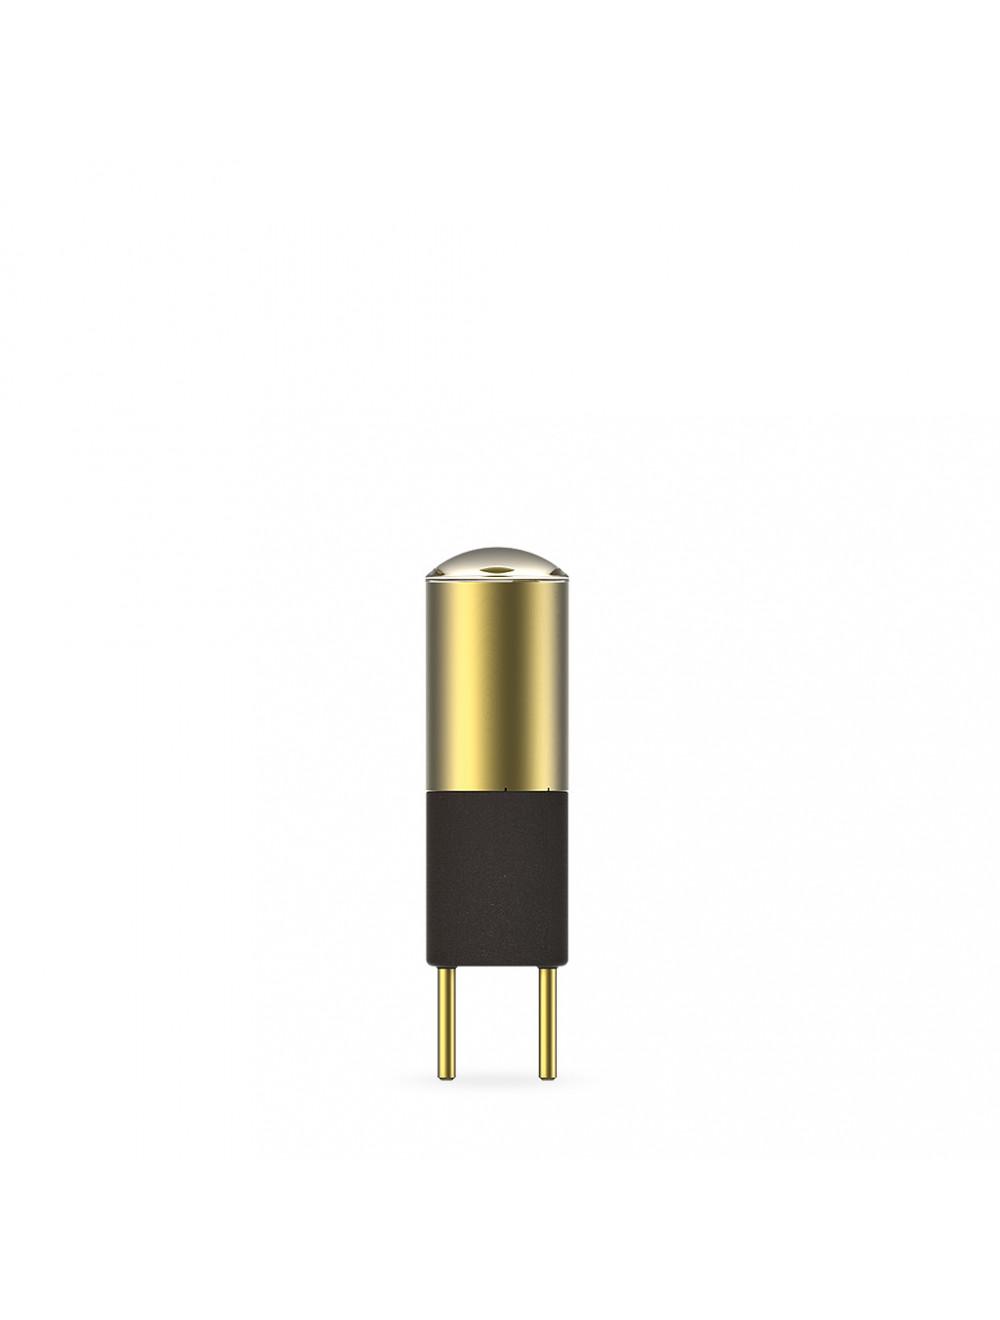 Das Produkt MK-dent LED Lampe BU8012WLT aus dem Global-dent online shop.